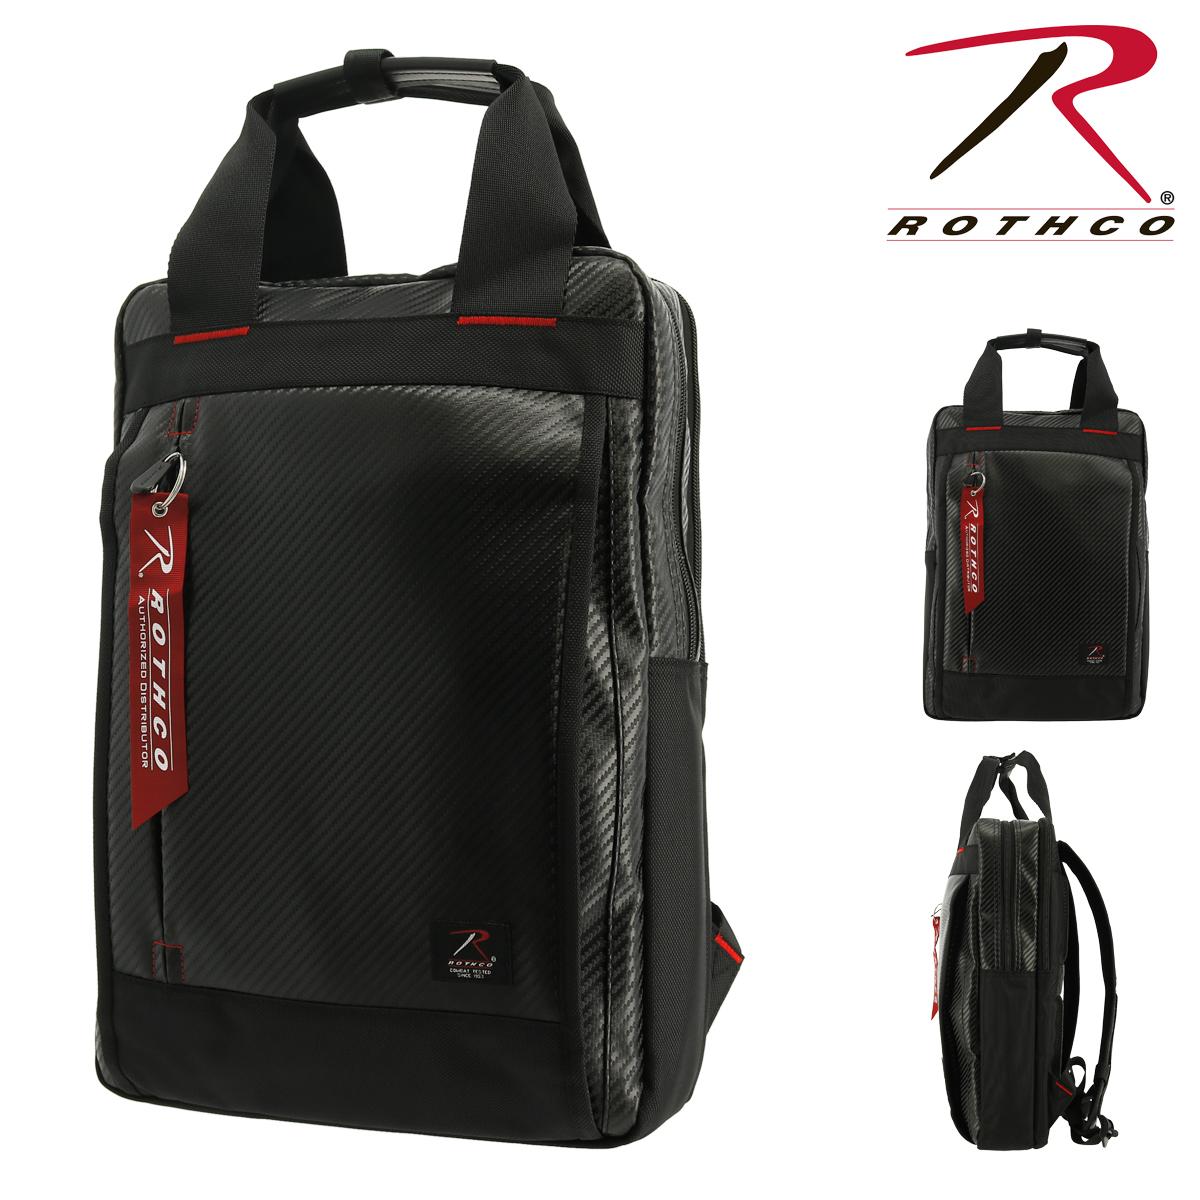 ロスコ リュック B4 2WAY SPARK メンズ 45015 ROTHCO | ビジネスリュック ビジネスバッグ キャリーオン